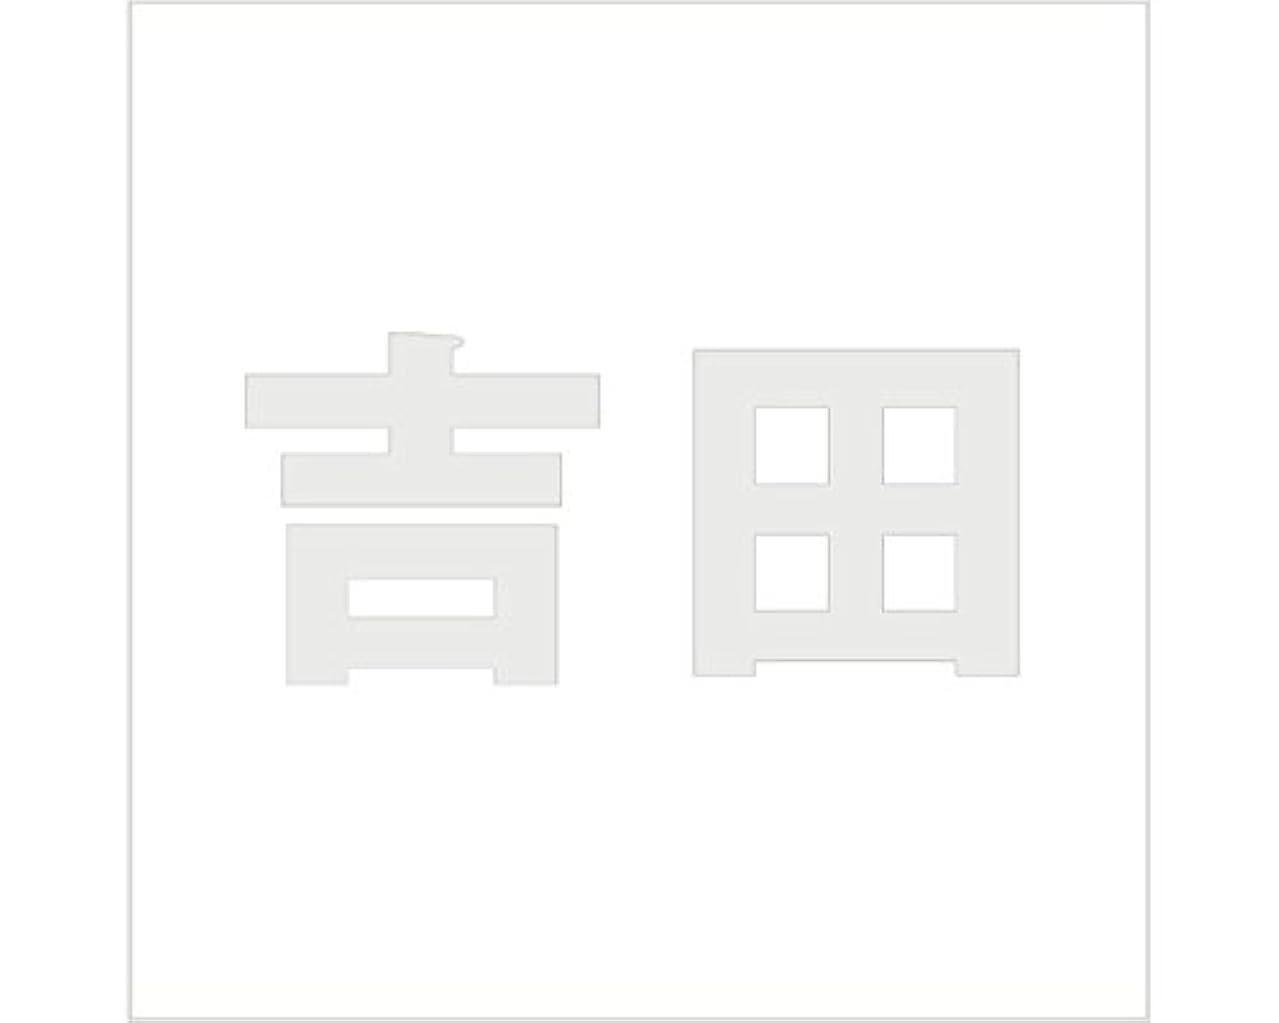 構成員経済アナロジー切文字 カッティングシート ゴシック文字 ???????? 200×200mm表札板用 吉田 オーダーメイド 納期8営業日